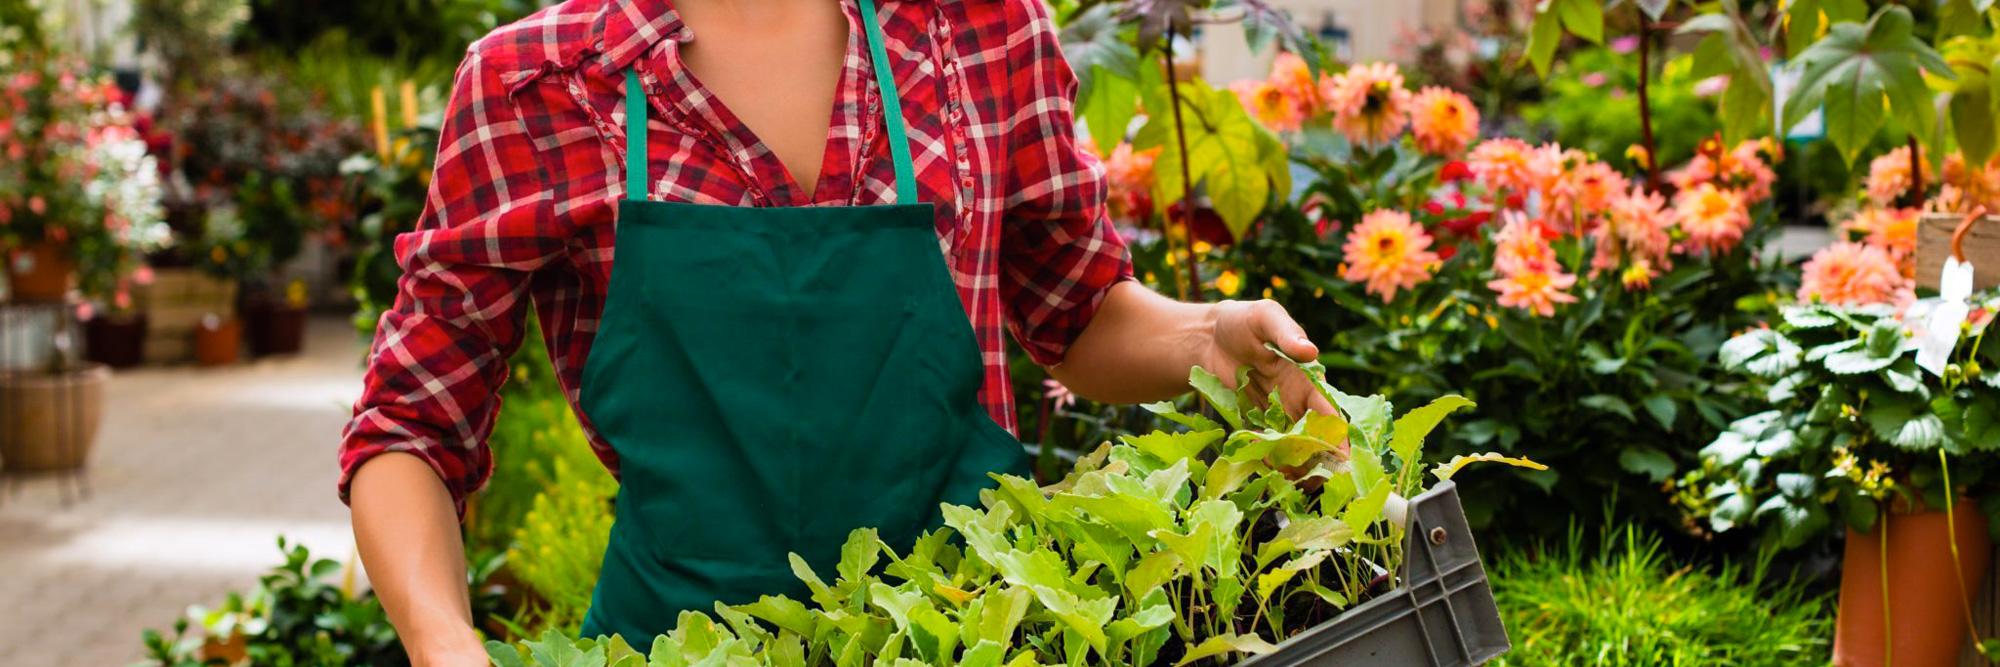 Immagini Piante E Fiori vivaio piante e fiori - gozzano - novara - dido floricultura